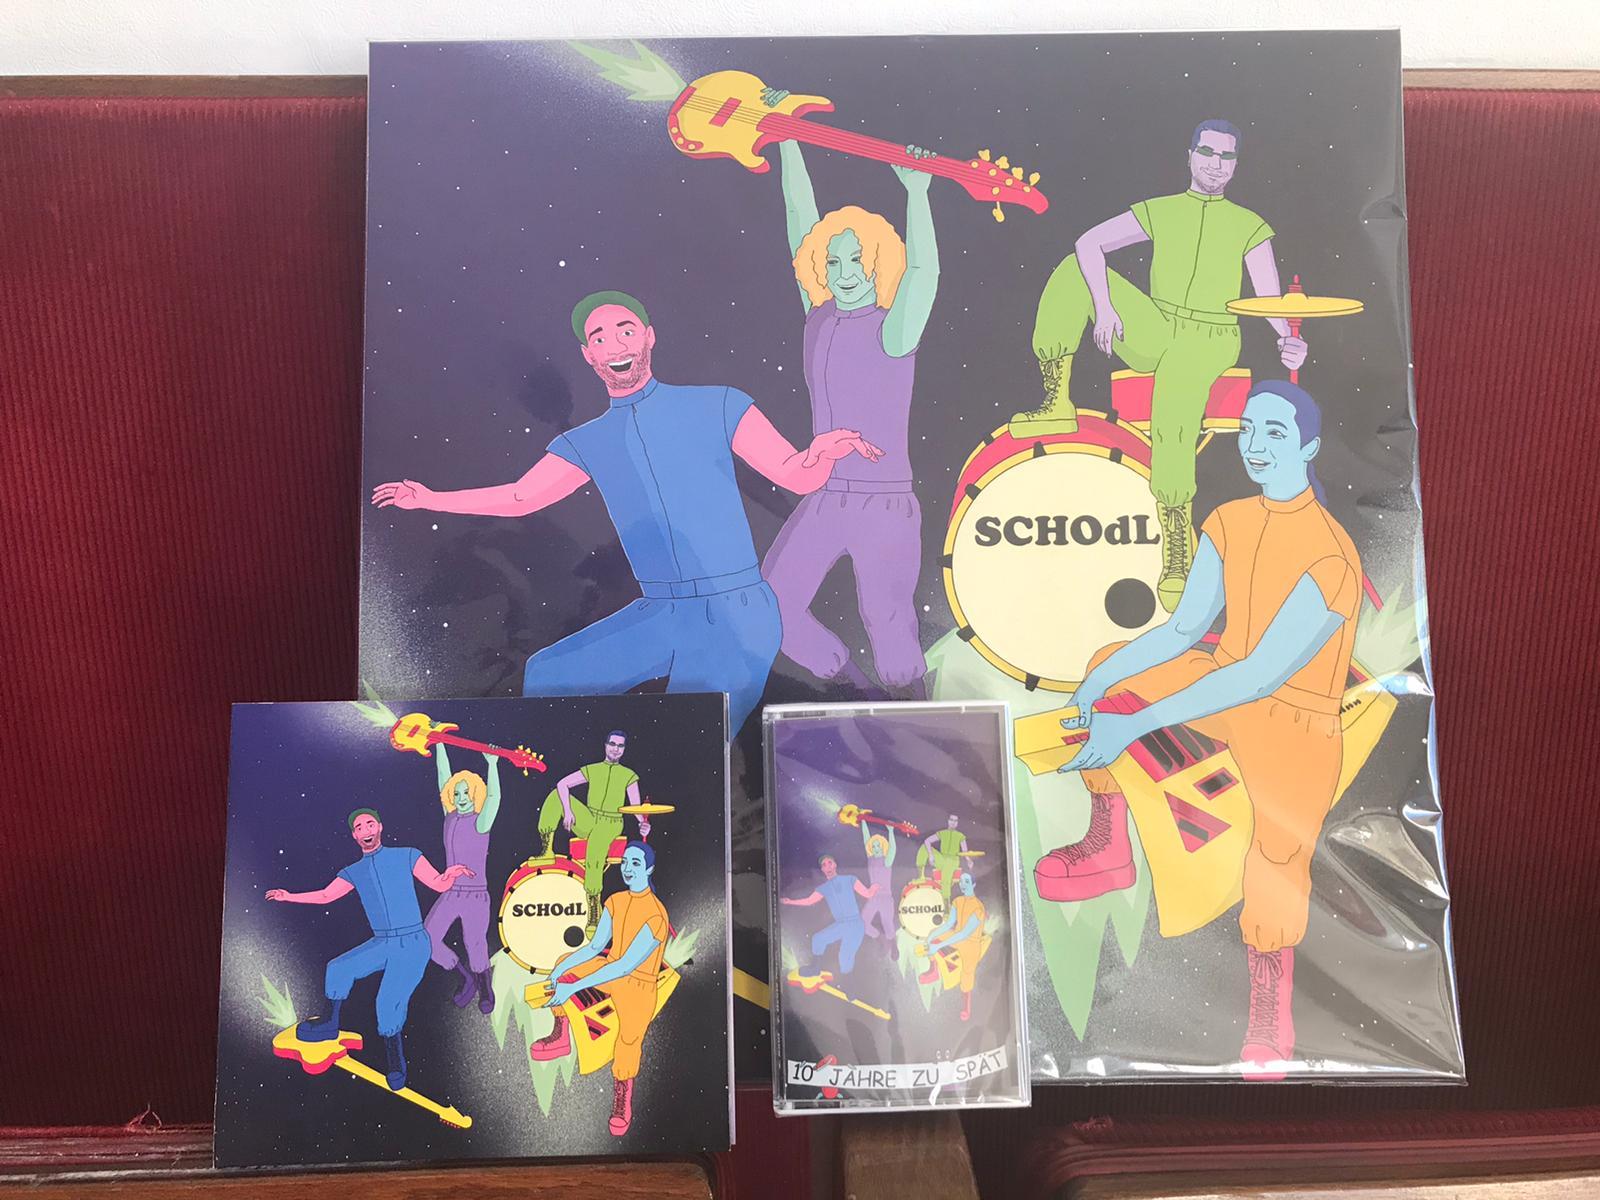 Schodl – 10 Jahre zu spät